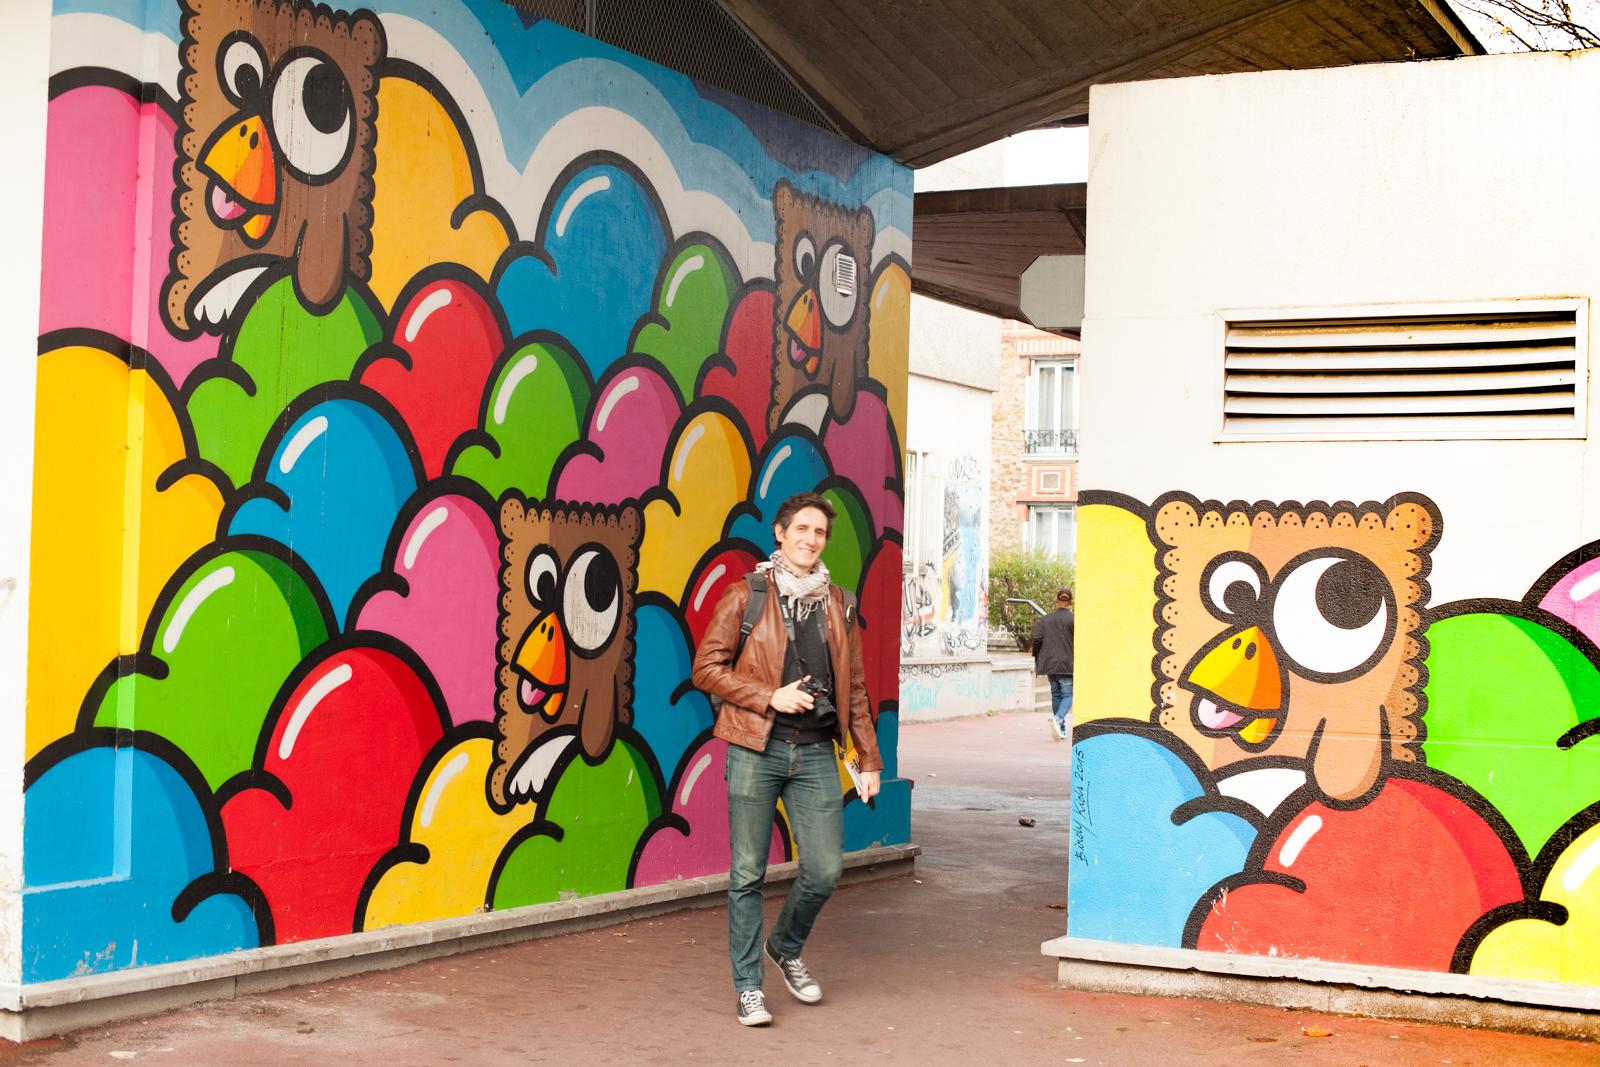 street art vitry-sur-seine, street art vitry, street art val-de-marne, street art banlieue paris, art urbain vitry, art urbain vitry-sur-seine, art urbain vitry, le guide du street art à paris, stéphanie lombard, birdy kids